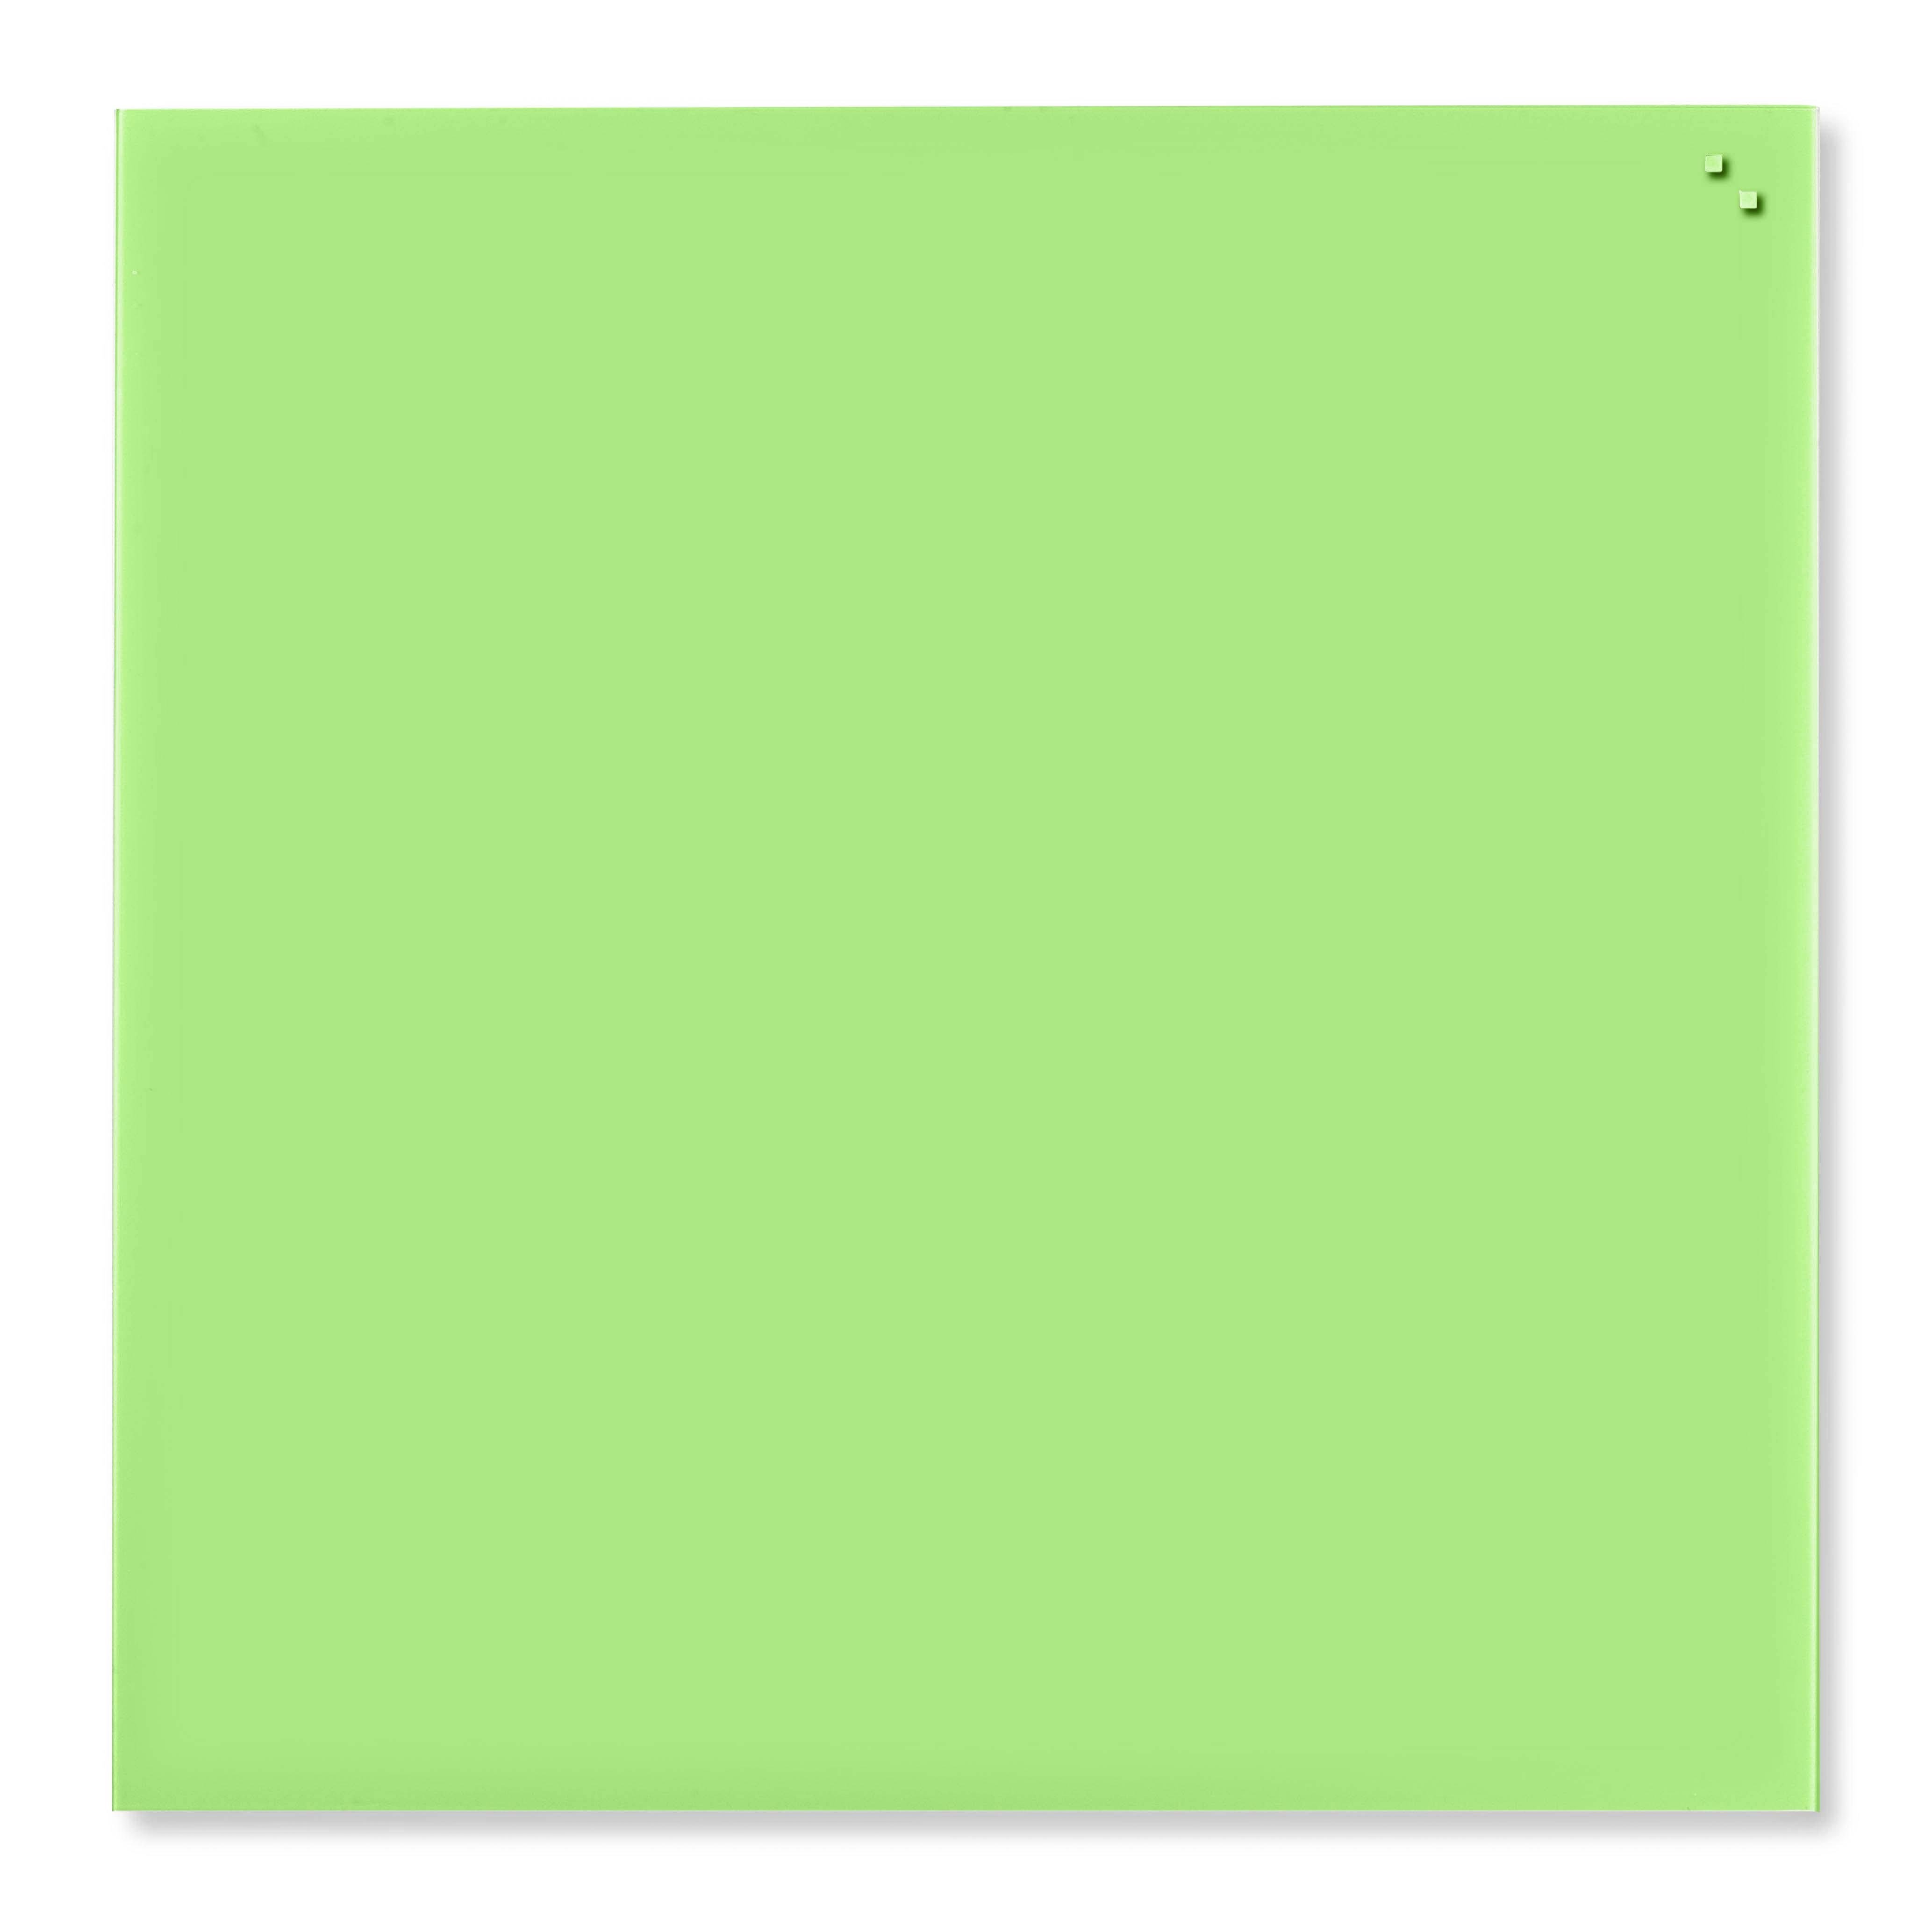 Tabule magnetické skleněné - 100 x 100 cm / sv. zelená